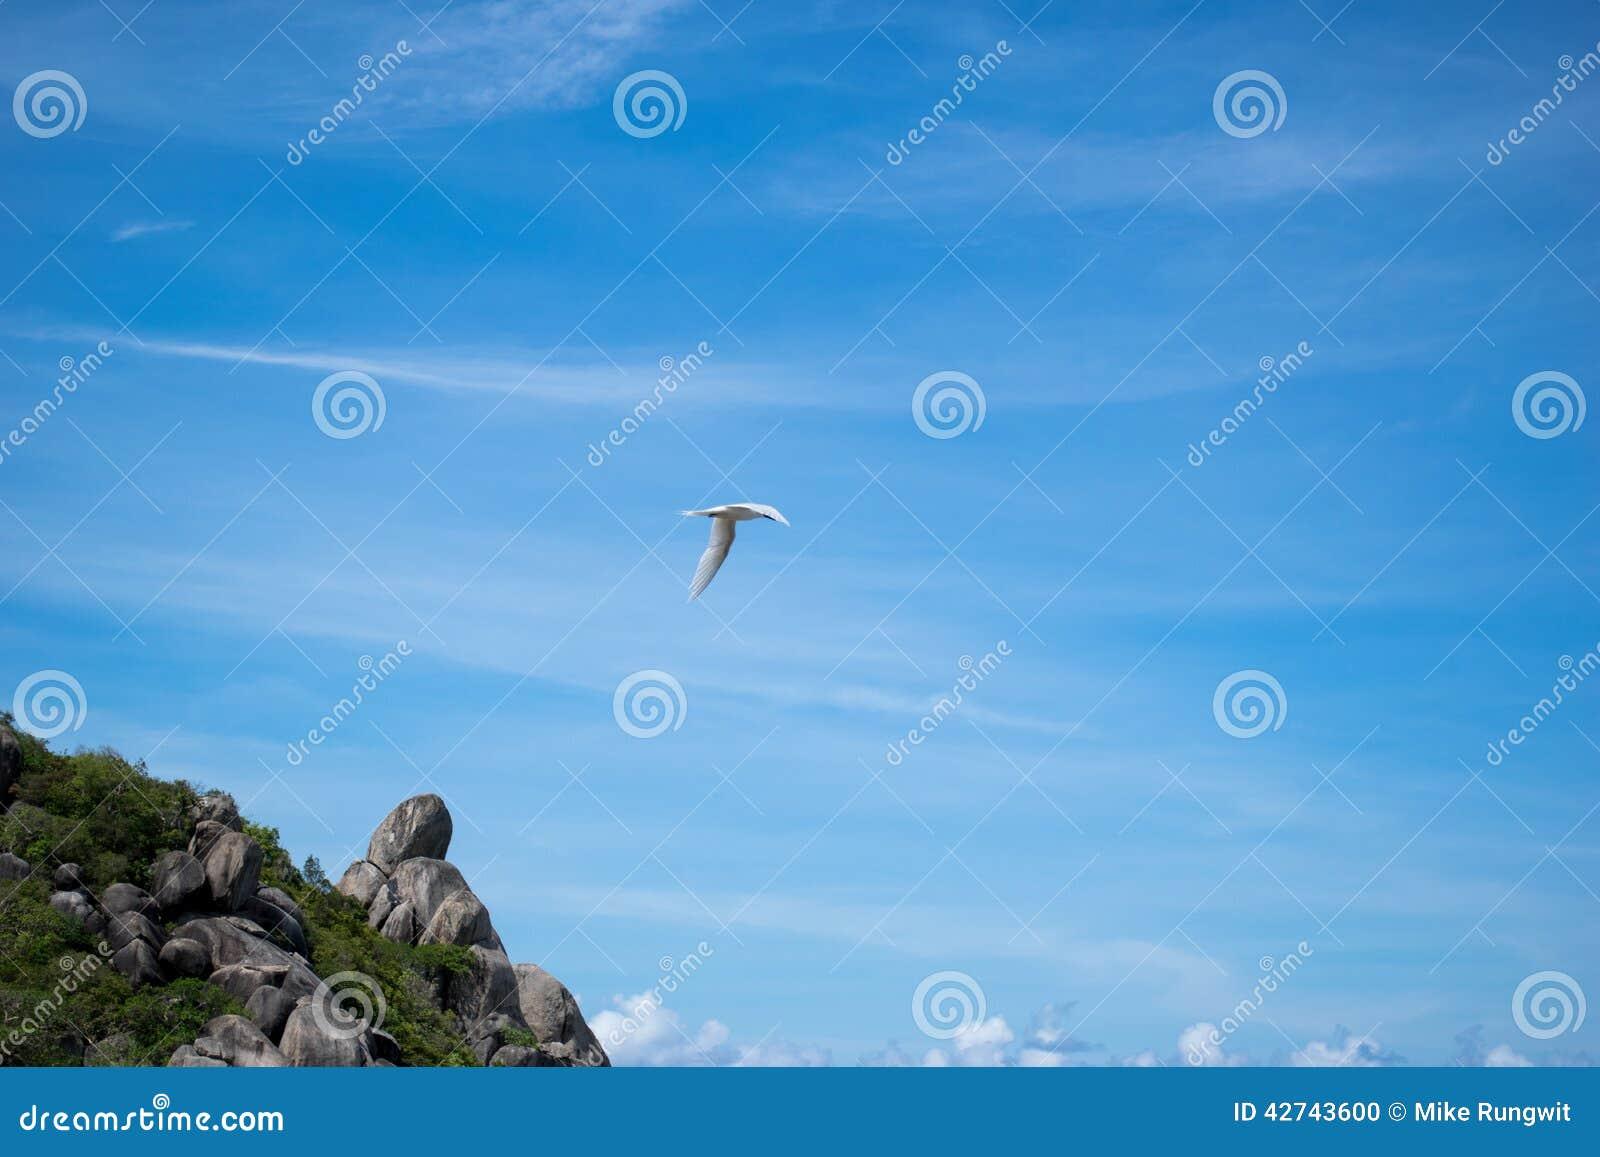 Vogel im Himmel